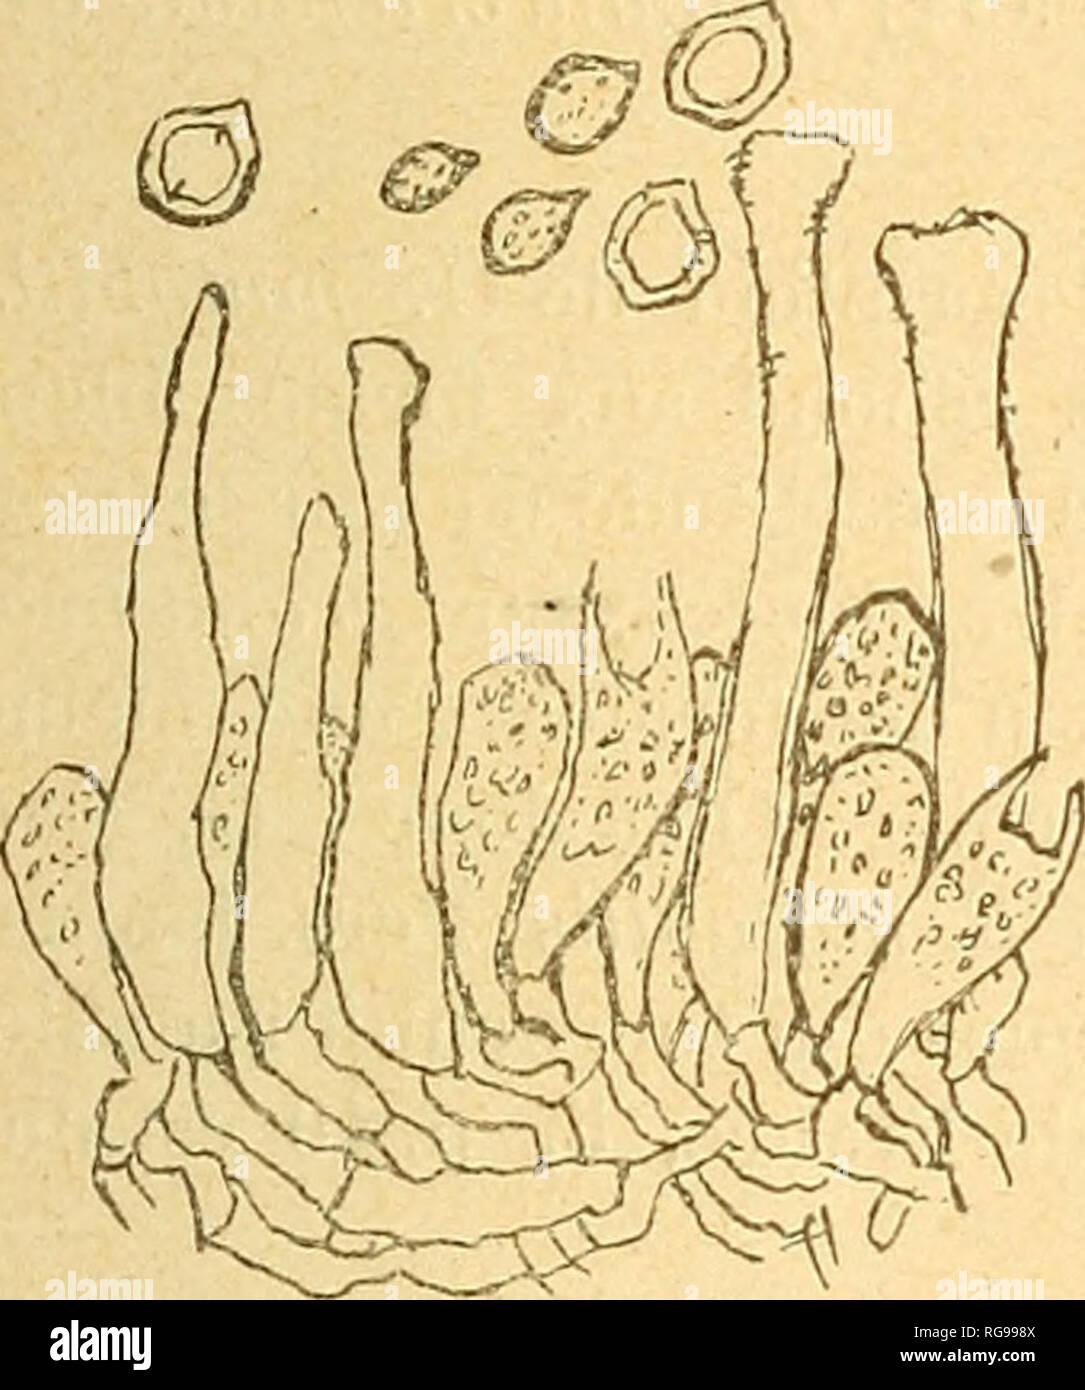 """. Bulletin trimestriel de la Société mycologique de France. Micología; hongos; hongos. SUR QUELQUES HYMENOMYCETES. 73 corticioïde : hyphes ampullacés jusqu'à 7-9 fz ; esporas spinuleuses obovfQes, reclusión, de 5-7 x 3,5-4,5 [x. """"Le Cristella cristata Pat. est établi sur le Merisma cristatum Pers. qui un été rapporté aussi à Sebacina laciniata et à Thelephora spiciilosa ; mais les termes du Sinopsis Â"""" pallidum, odore et sapore mucidum n, et surtout le mot"""" subcoriaceum Â"""" de pers, M. E. I., p. 153, mon- trent qu'il s'agit bien du Sahacina laciniata. Peniophora abietis et var. pinastr B. G. Foto de stock"""